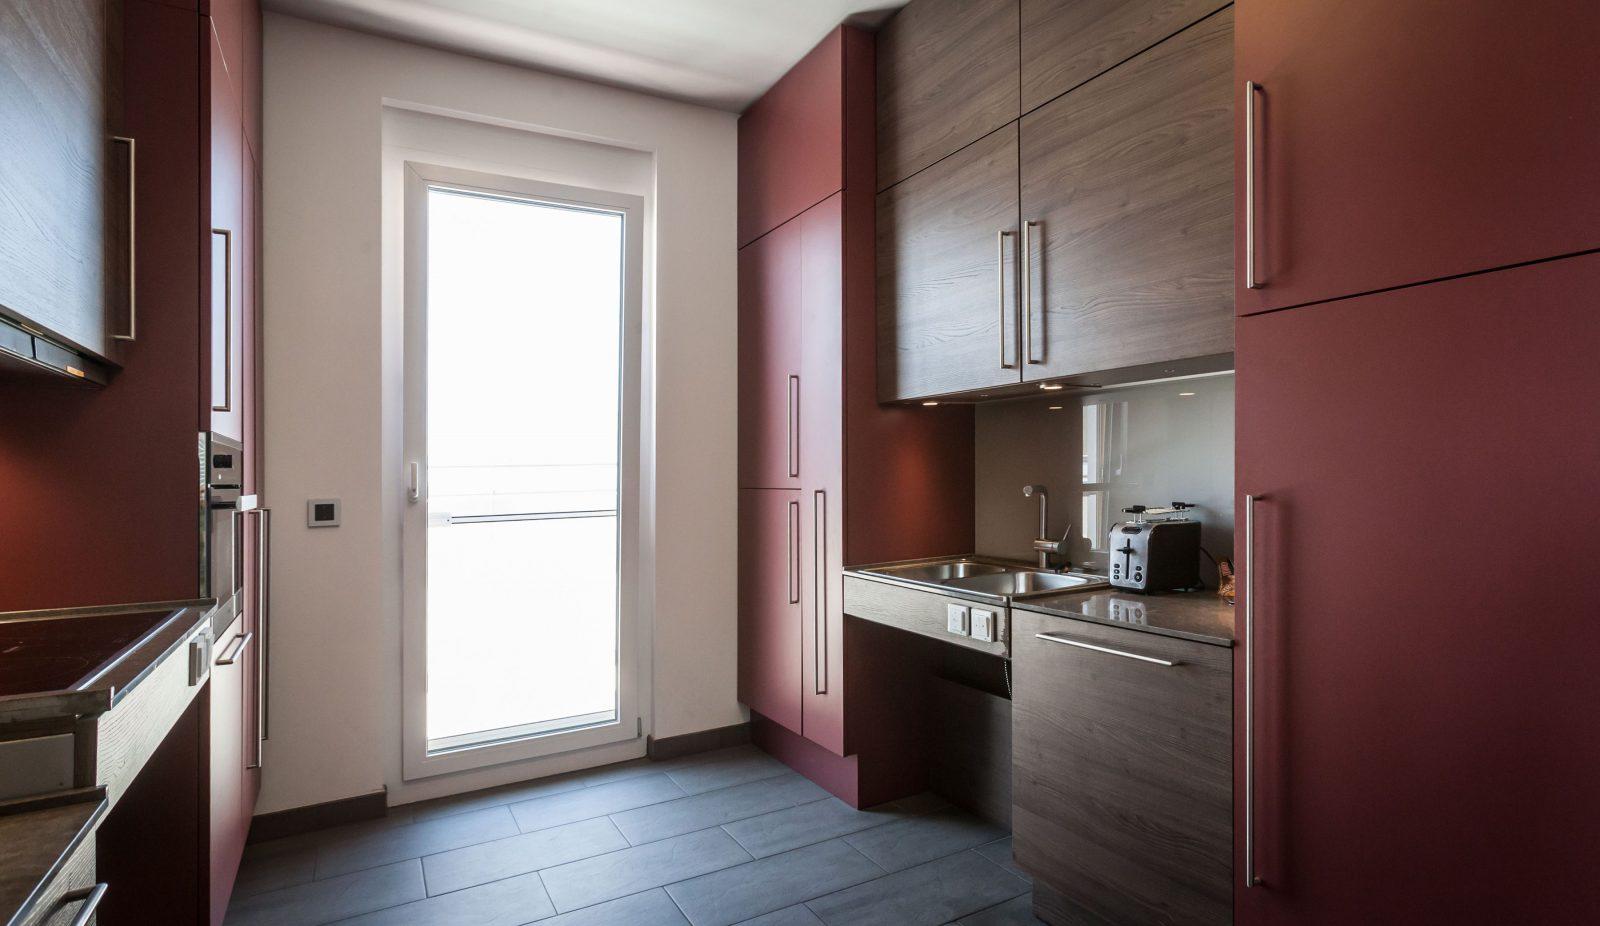 barrierefreie k chen k che ballerina ikea alte fronten mosaikfliesen m lleimer trennsystem. Black Bedroom Furniture Sets. Home Design Ideas